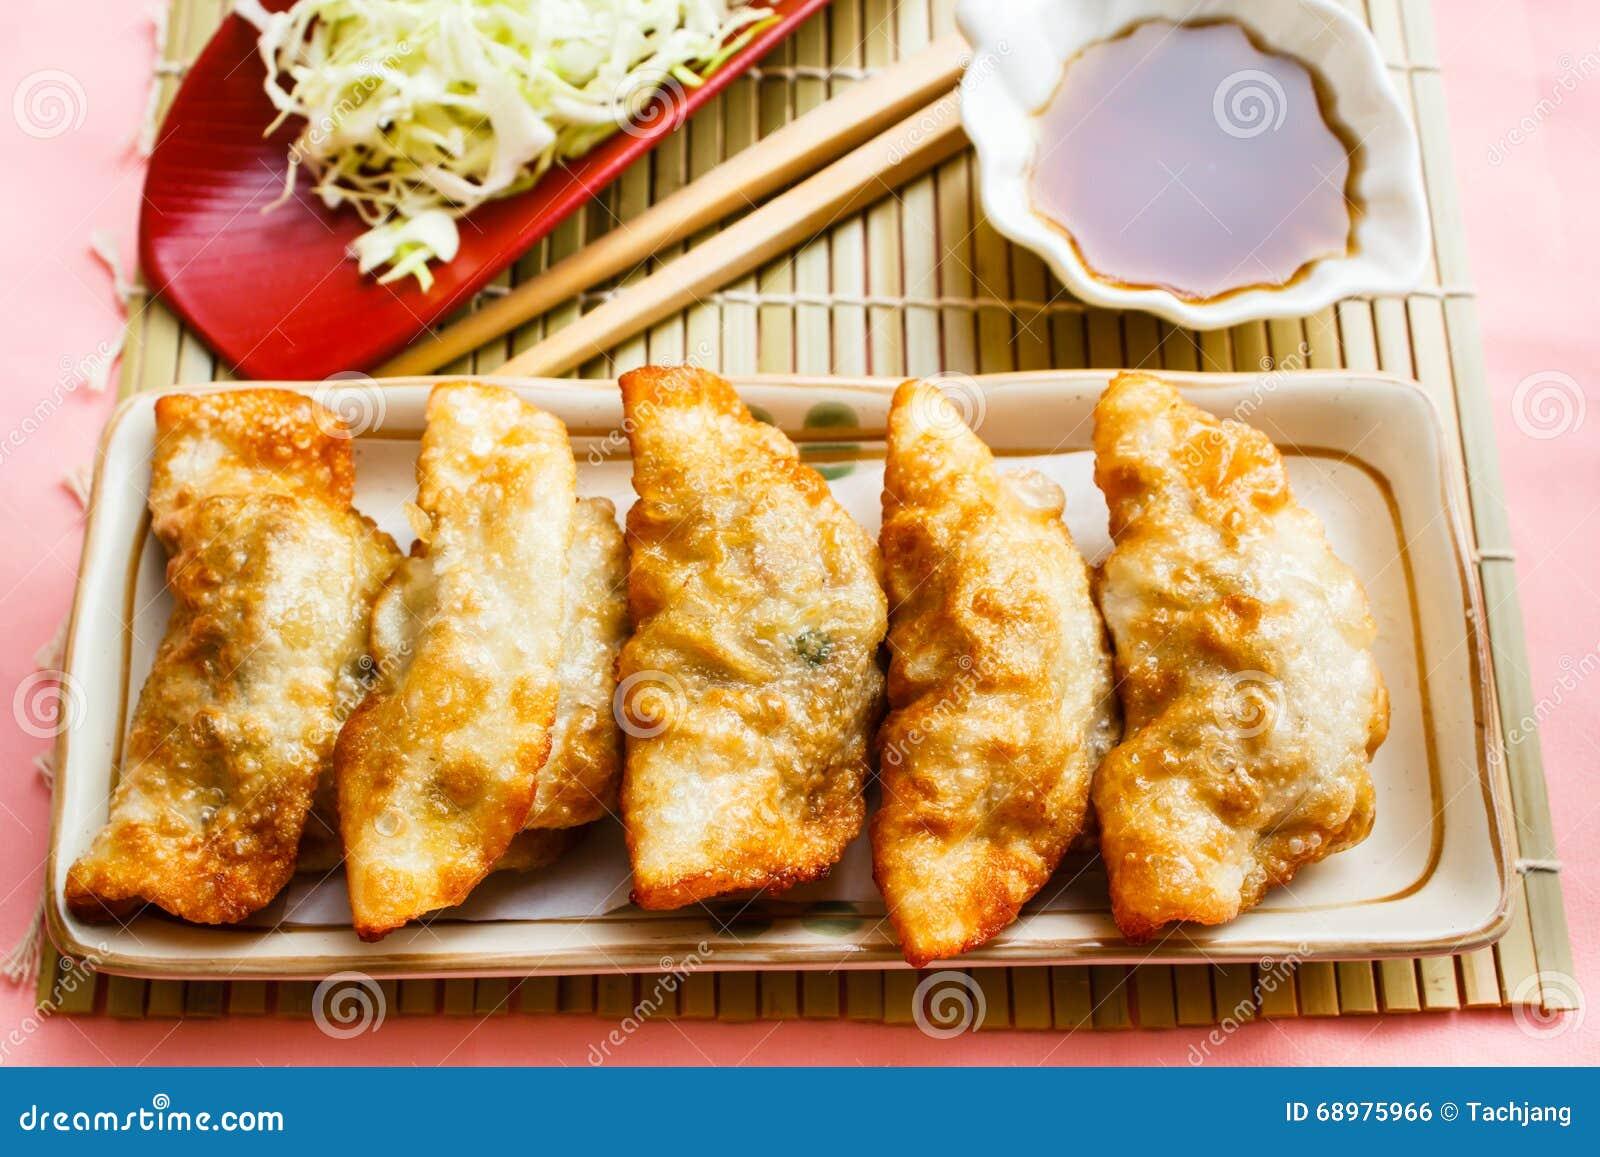 Fried Dumpling - Gyoza